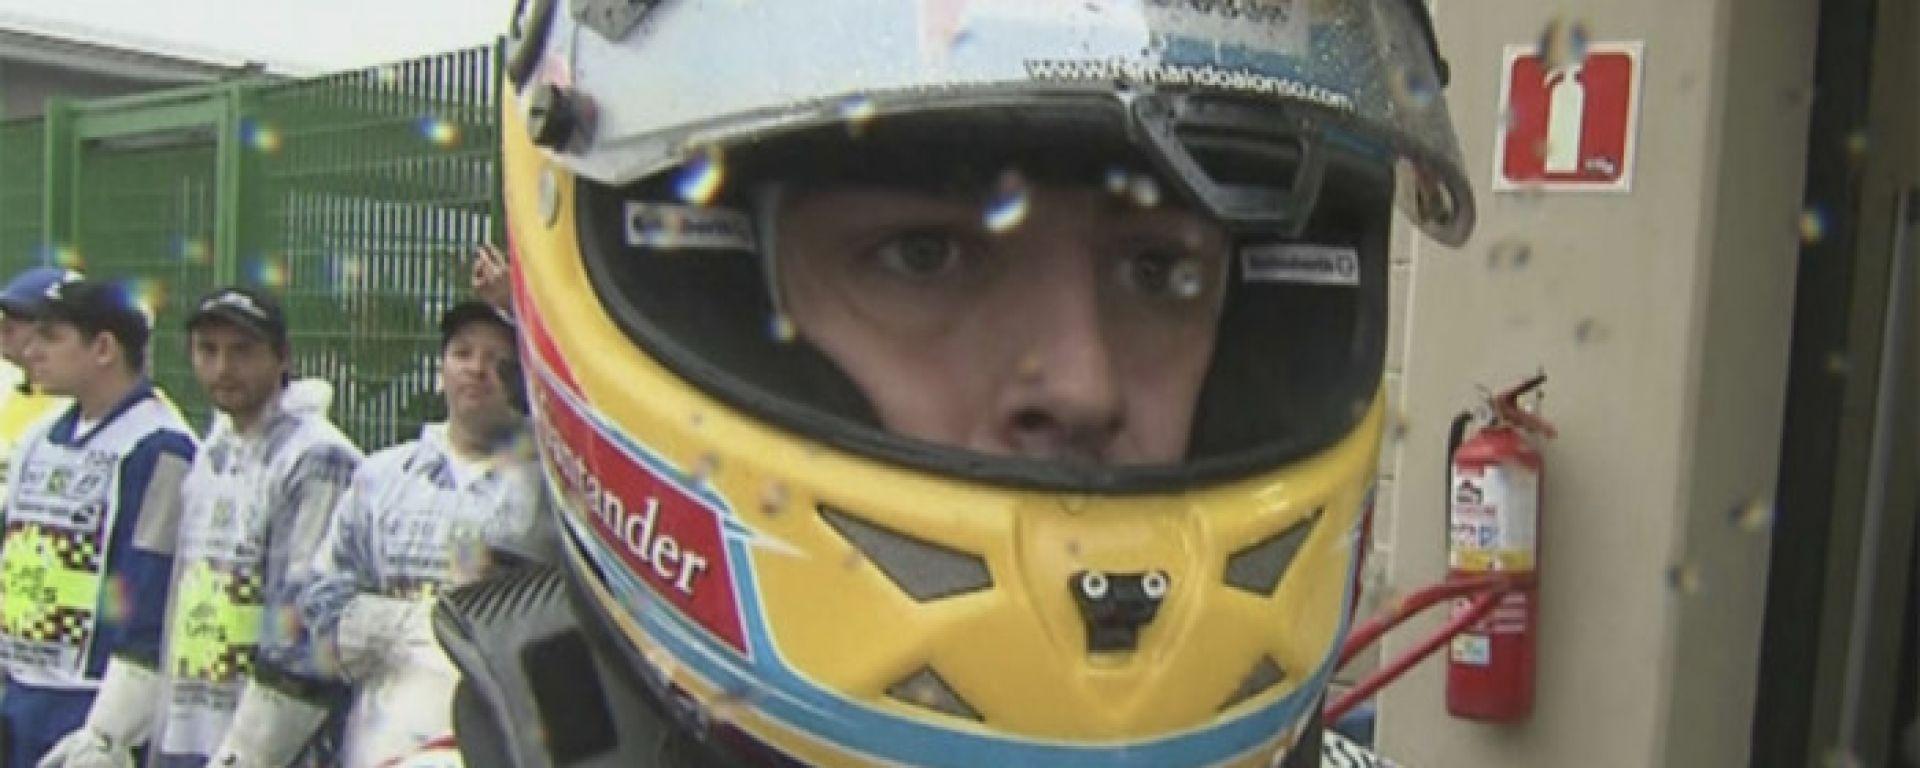 F1, GP Brasile 2012: il celebre sguardo di Fernando Alonso (Ferrari) al termine della gara